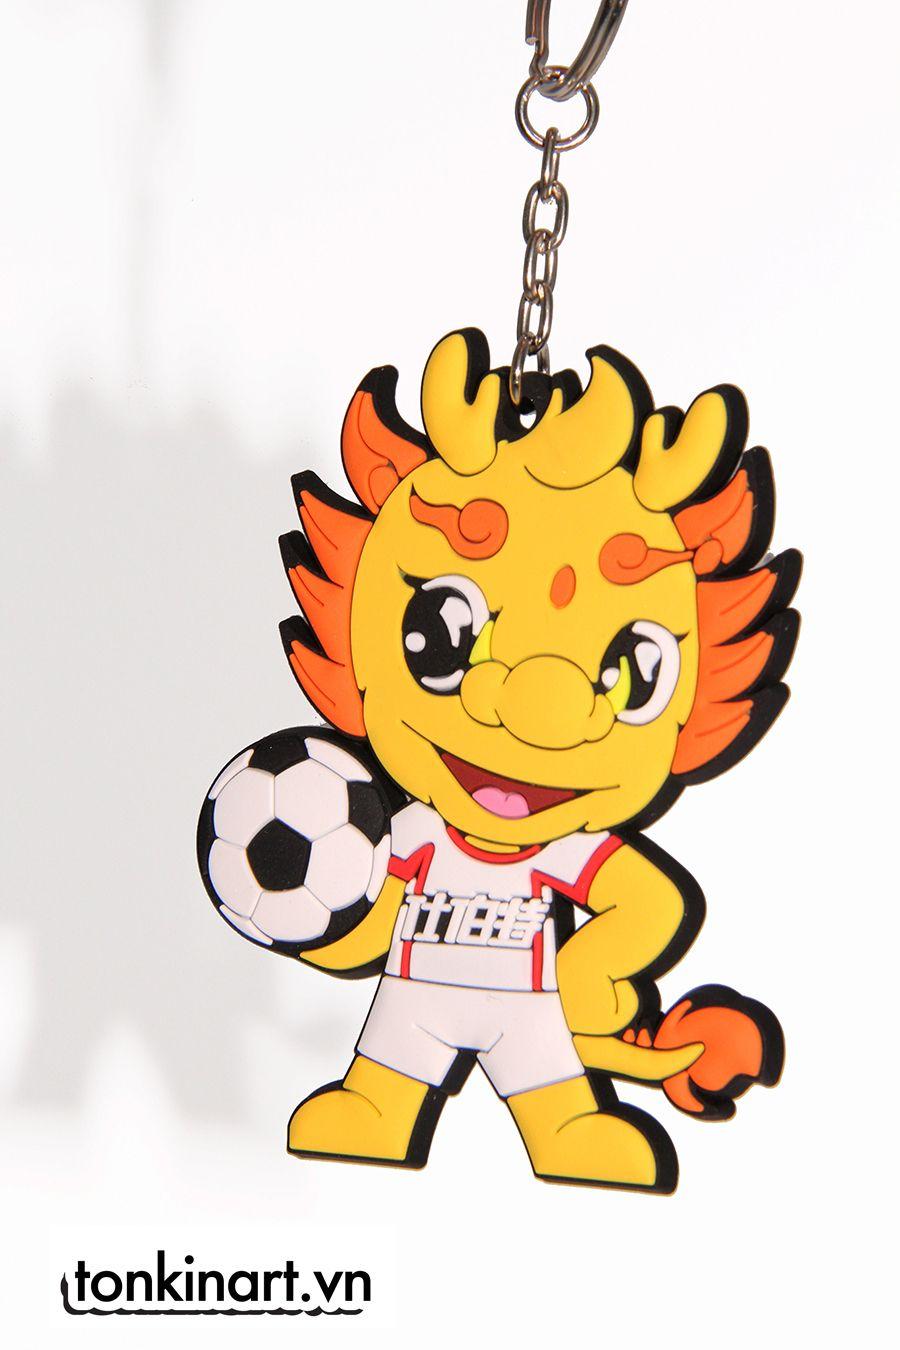 Móc khóa được khắc họa bằng hình ảnh chú sư tử ngộ nghĩnh. Đây sẽ